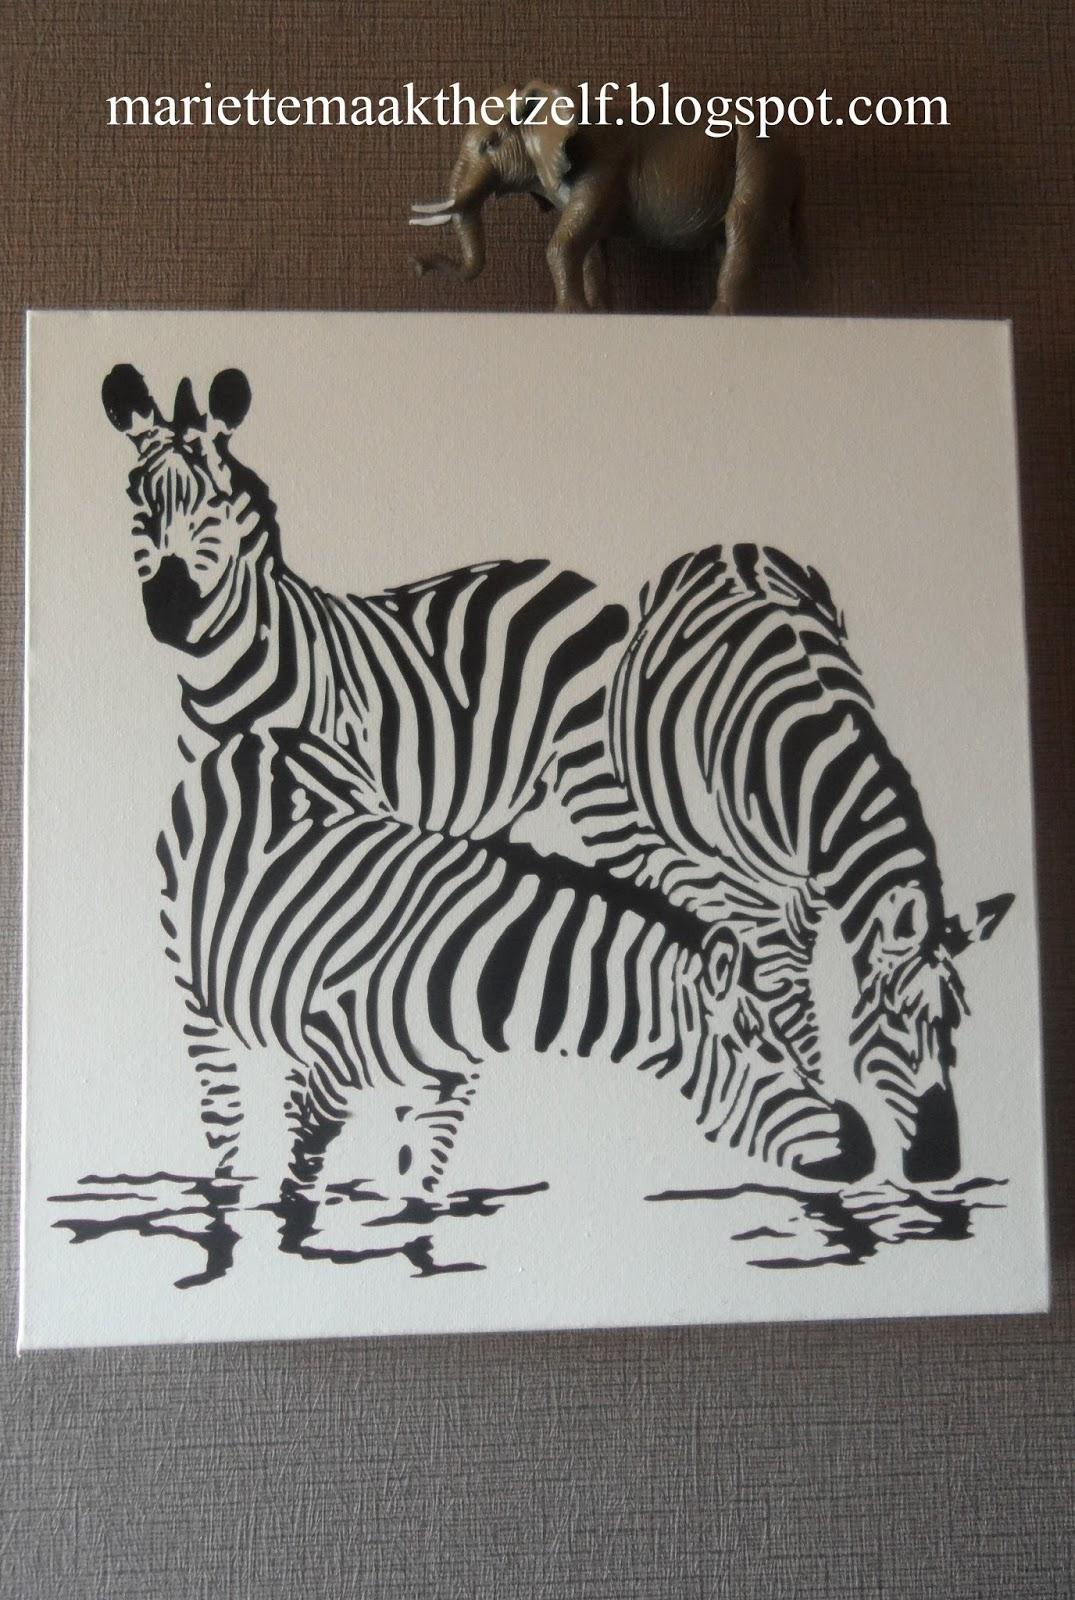 Mariette maakt het zelf deco voor de safari kamer - Deco voor de kamer van de jongen ...